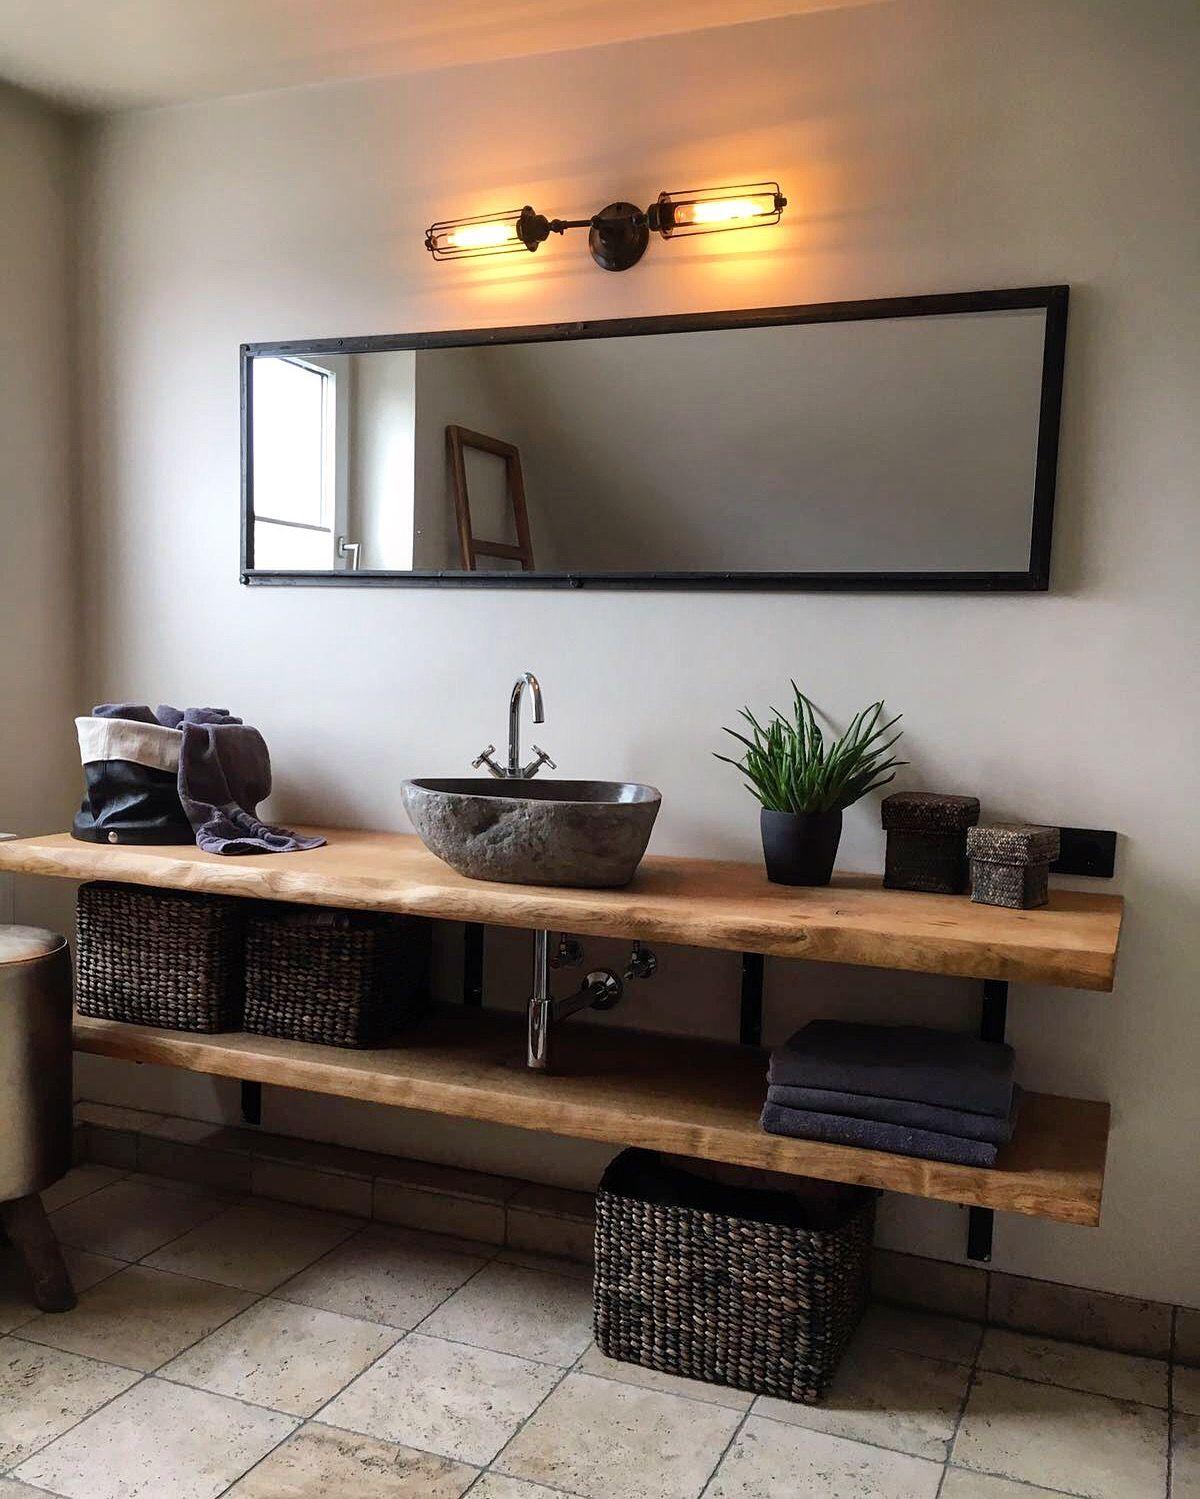 Wohndesign interieur badezimmer badezimmer  waschbecken  waschtischplatte aus eichenholz  mosdó